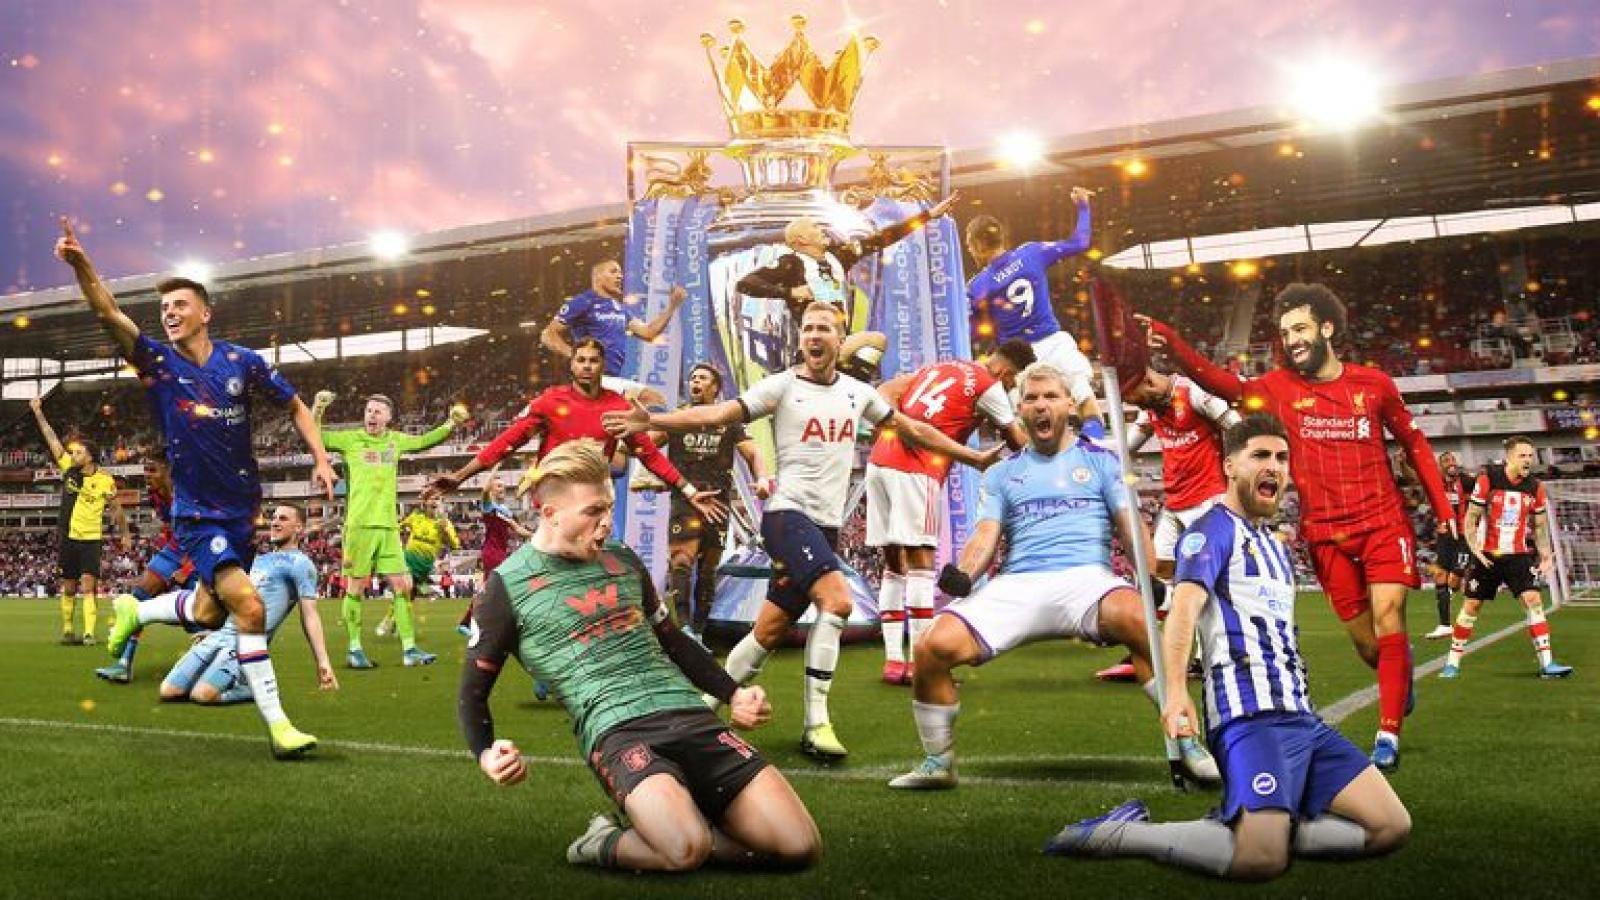 Dự đoán kết quả vòng cuối Premier League: Liverpool cán mốc 99 điểm